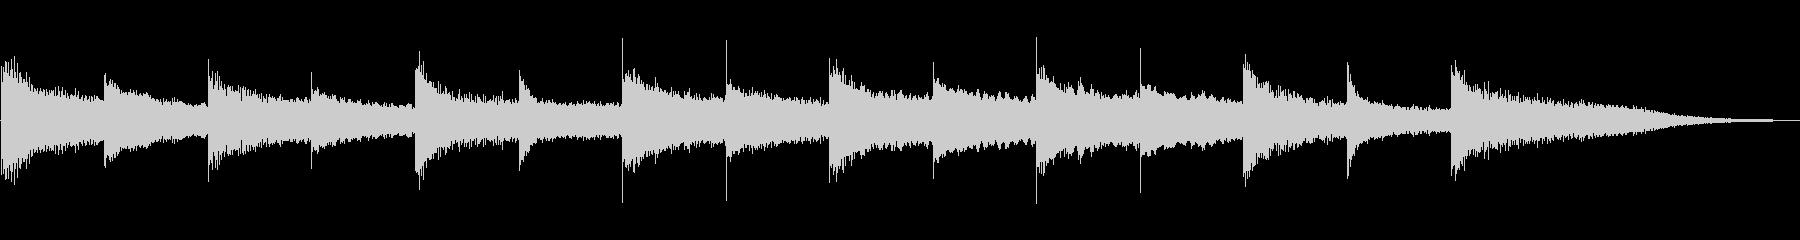 15秒のCM用/クリスマス風/キラキラ/の未再生の波形